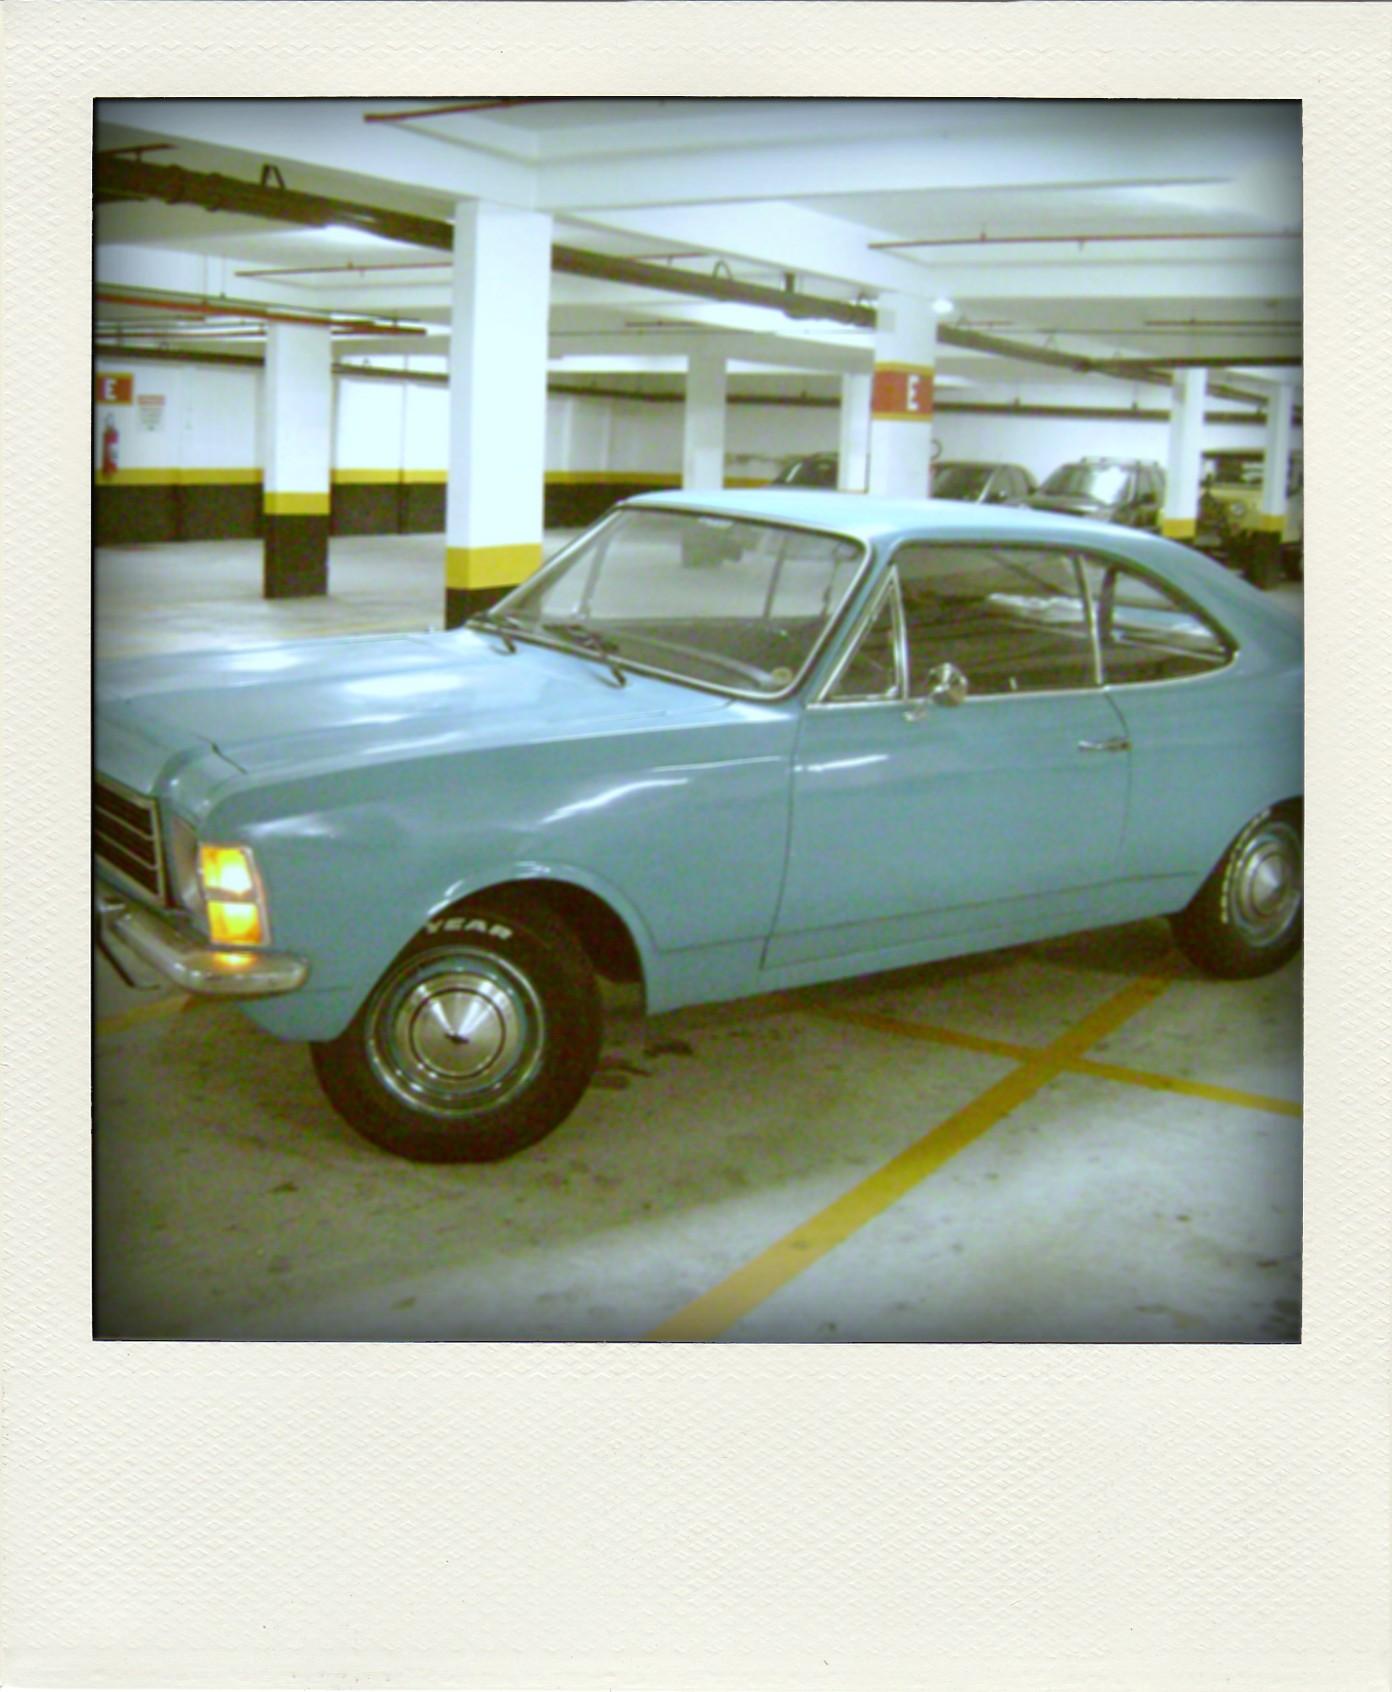 de seu Chevrolet Opala (ou